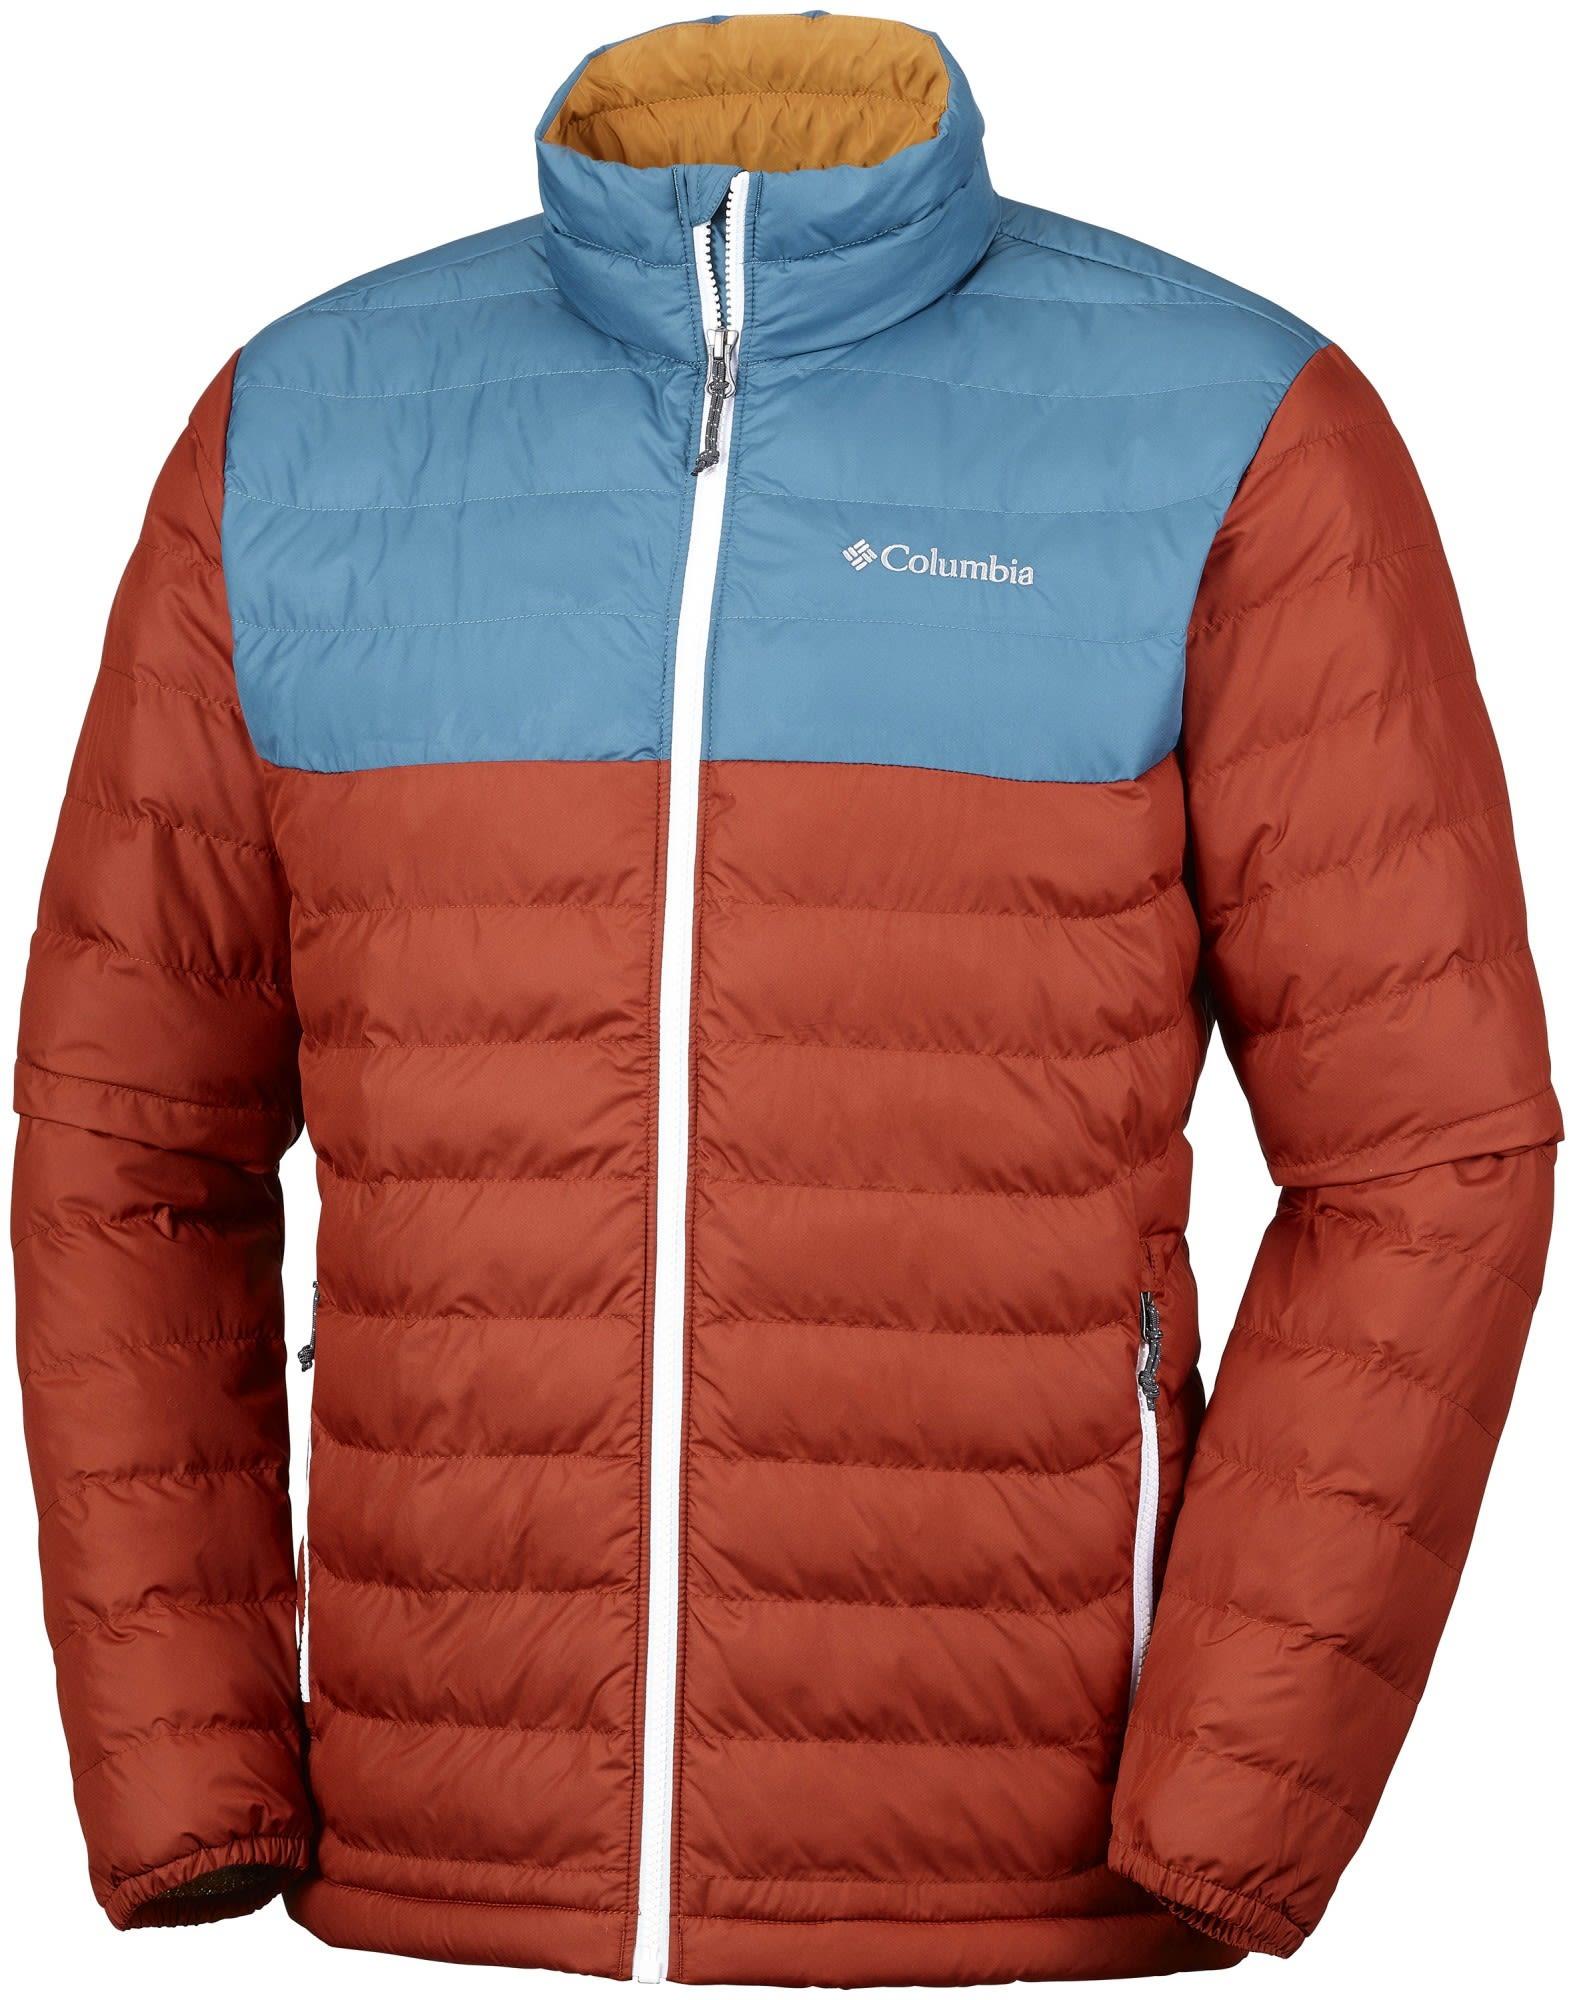 Columbia M Powder Lite Jacket   Größe S,M,L,XL,XXL   Herren Freizeitjacke